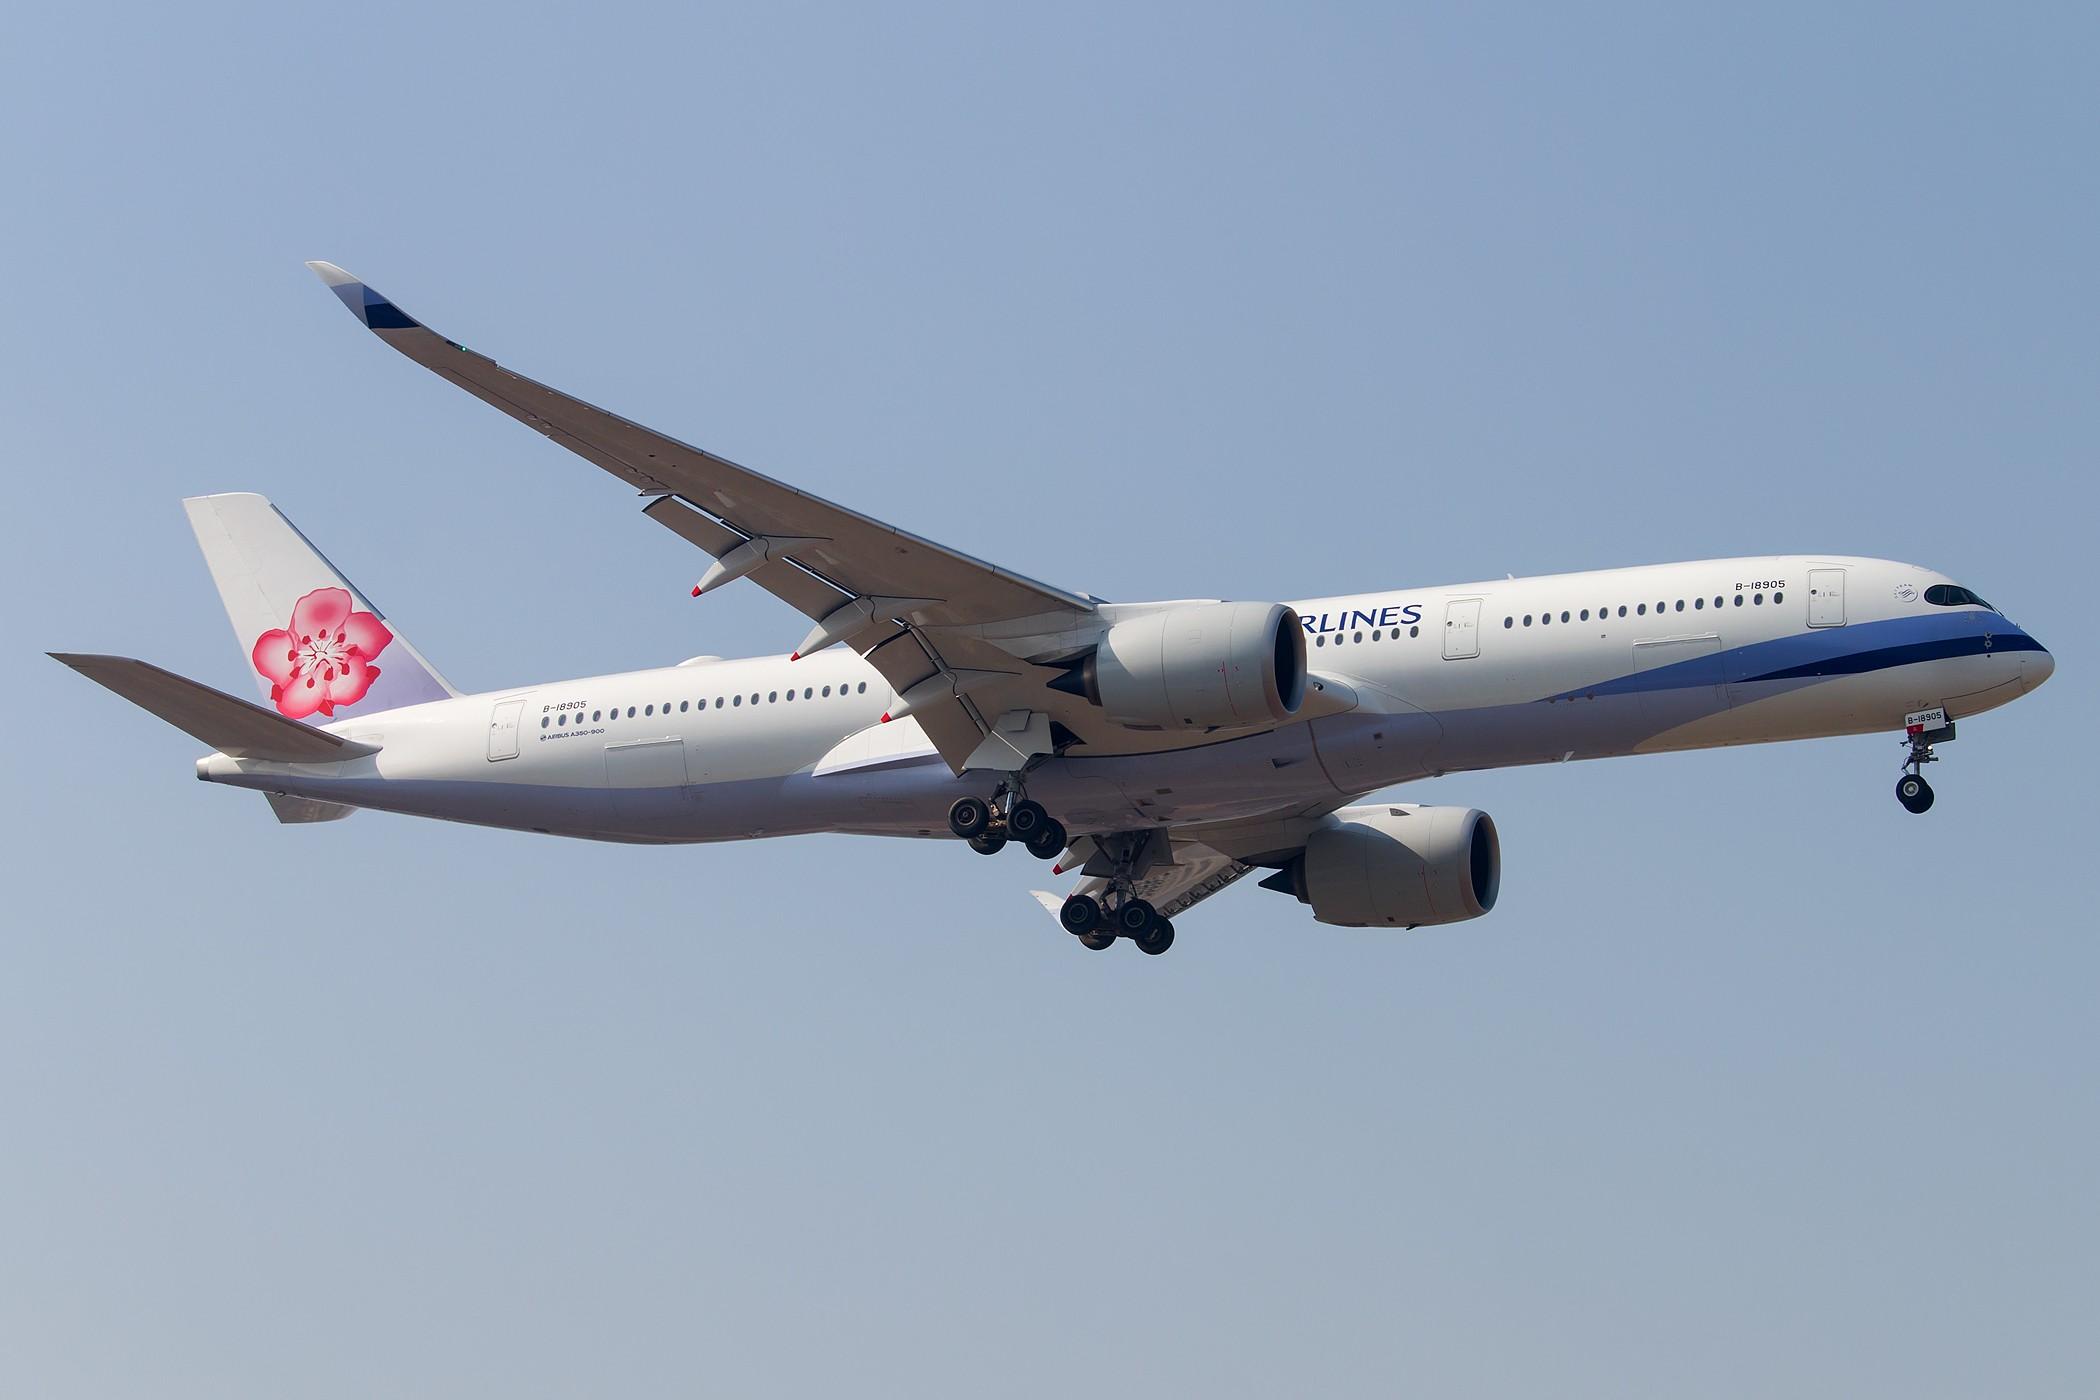 [原创][一图党] 中华航空 A350-900XWB首航北京 CI511 B-18905 2100*1400 AIRBUS A350-900XWB B-18905 中国北京首都国际机场